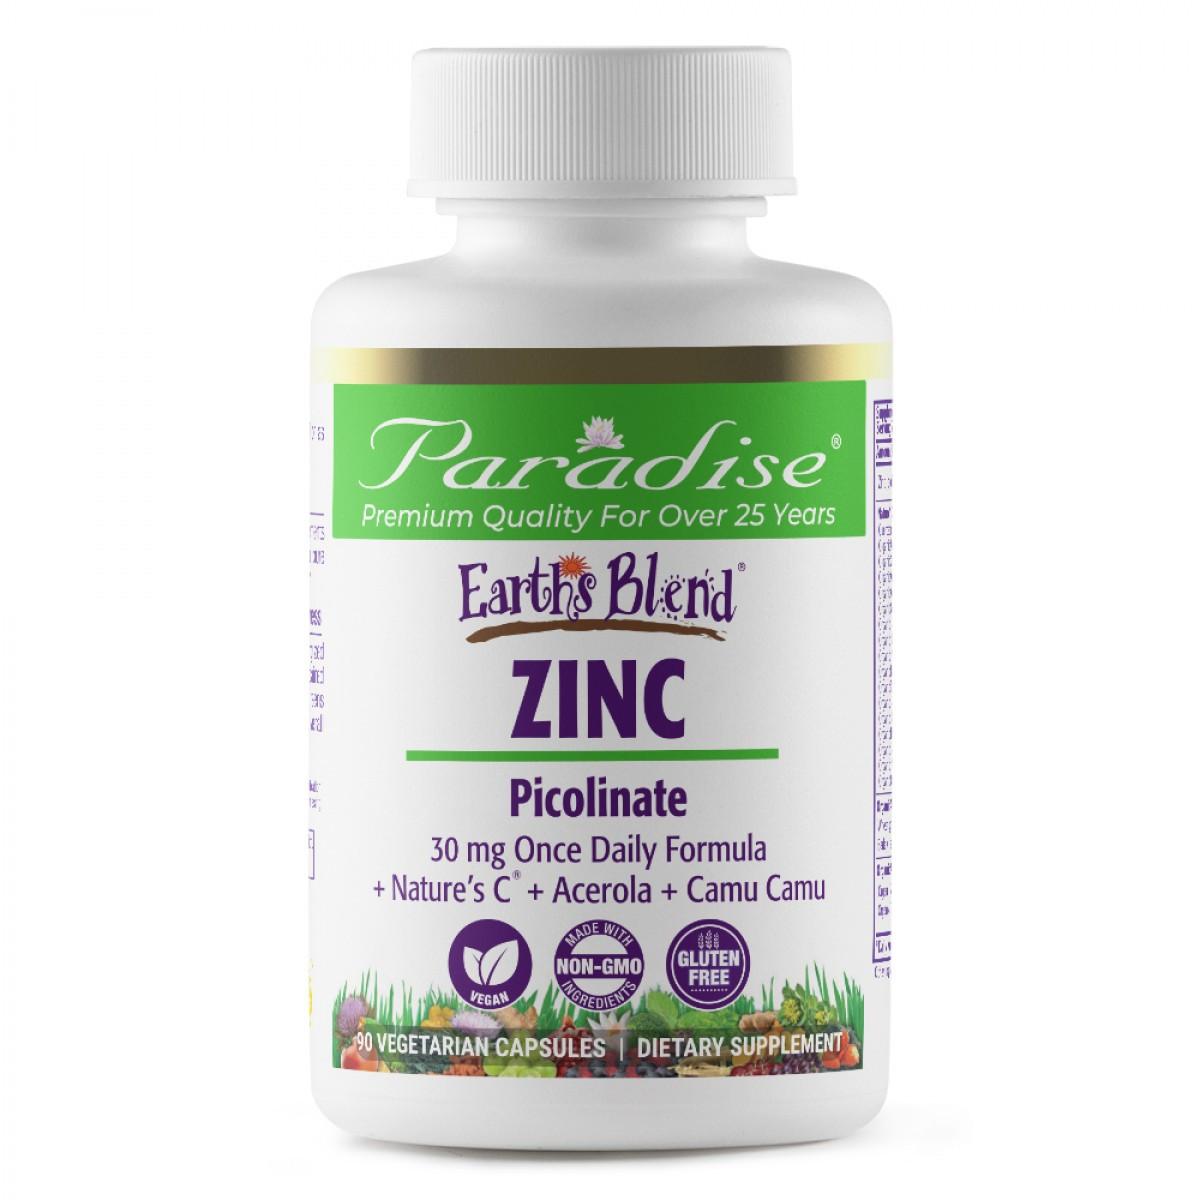 Цинк Пиколинат, 30 мг, Zinc, Picolinate, 90 капсул, PARADISE HERBS, EARTH'S BLEND, USA